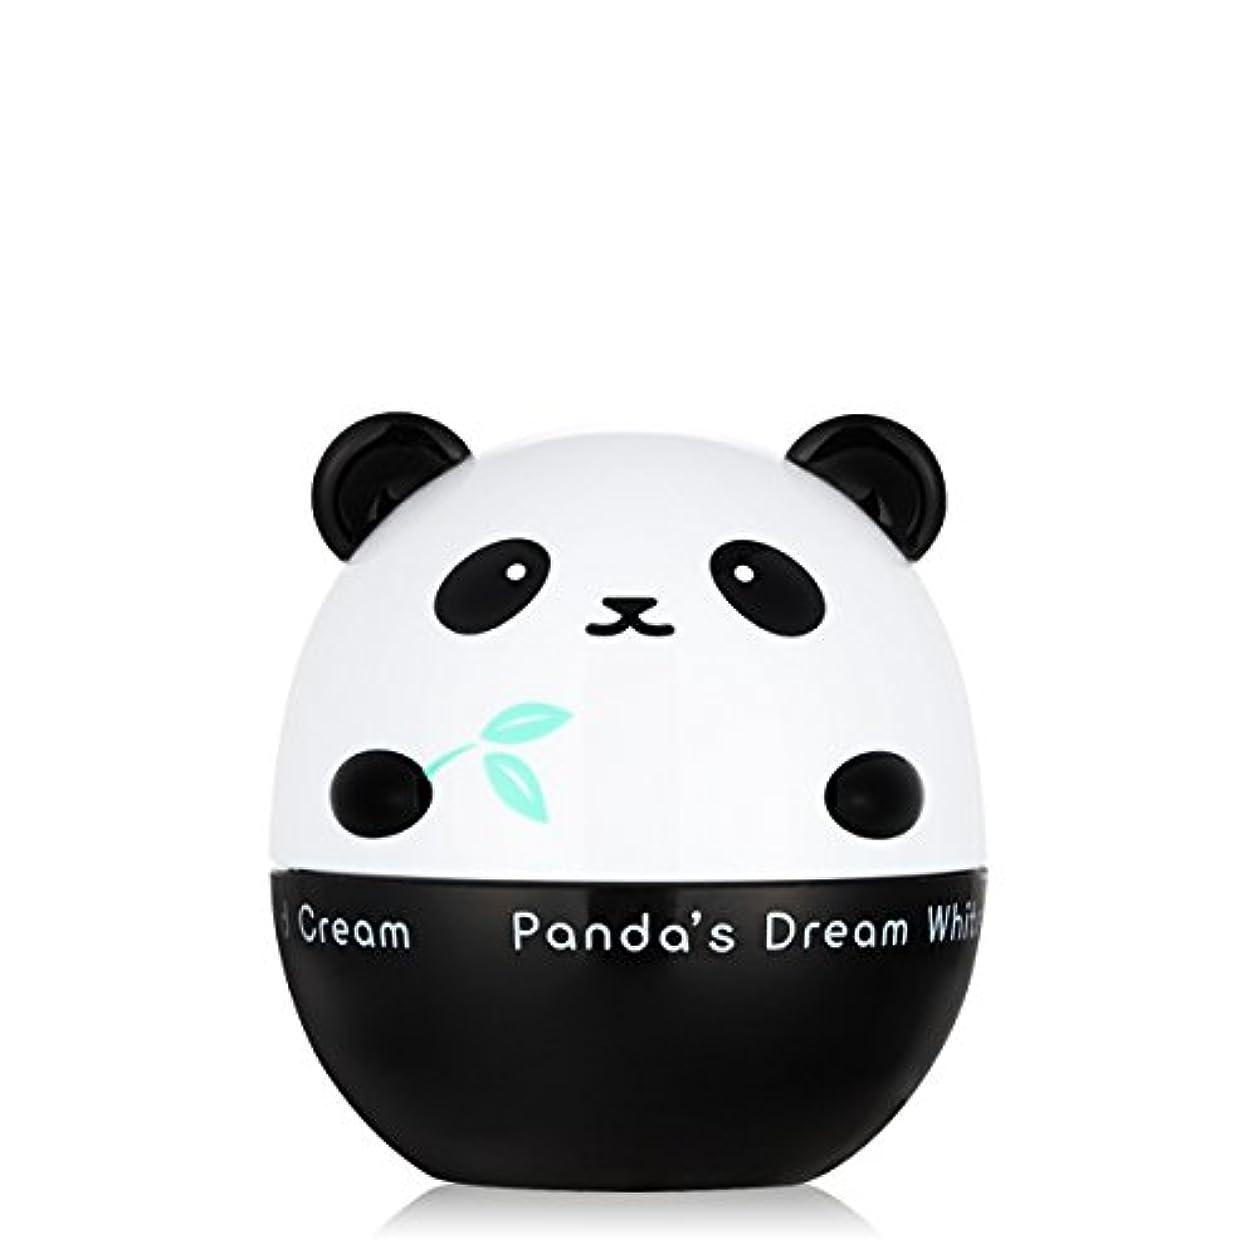 コンサート飛躍優勢[1+1] TONY MOLY Panda's Dream White Magic Cream 50g/ トニーモリーパンダーズドリームホワイトマジッククリーム 50g [並行輸入品]